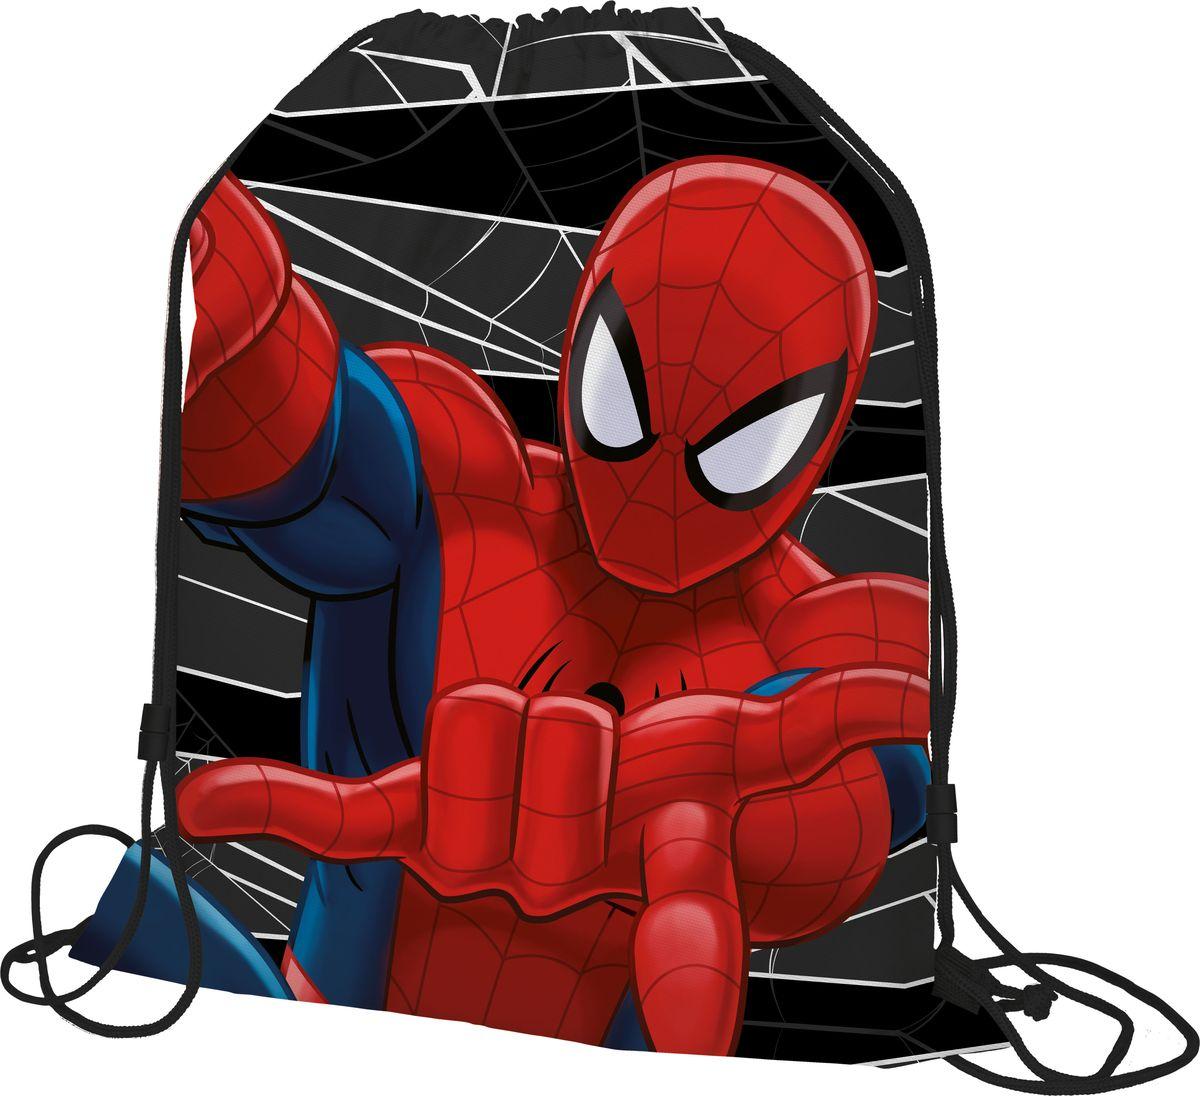 Spider-man Classic Мешок для обуви Spider-man ClassicSMDB-MT1-883Мешок для переноски обуви, выполнен из плотного водостойкого материала, затягивается сверху шнуром-лямкой и носится, как рюкзак. Размер: 43 х 34 х 1 см.